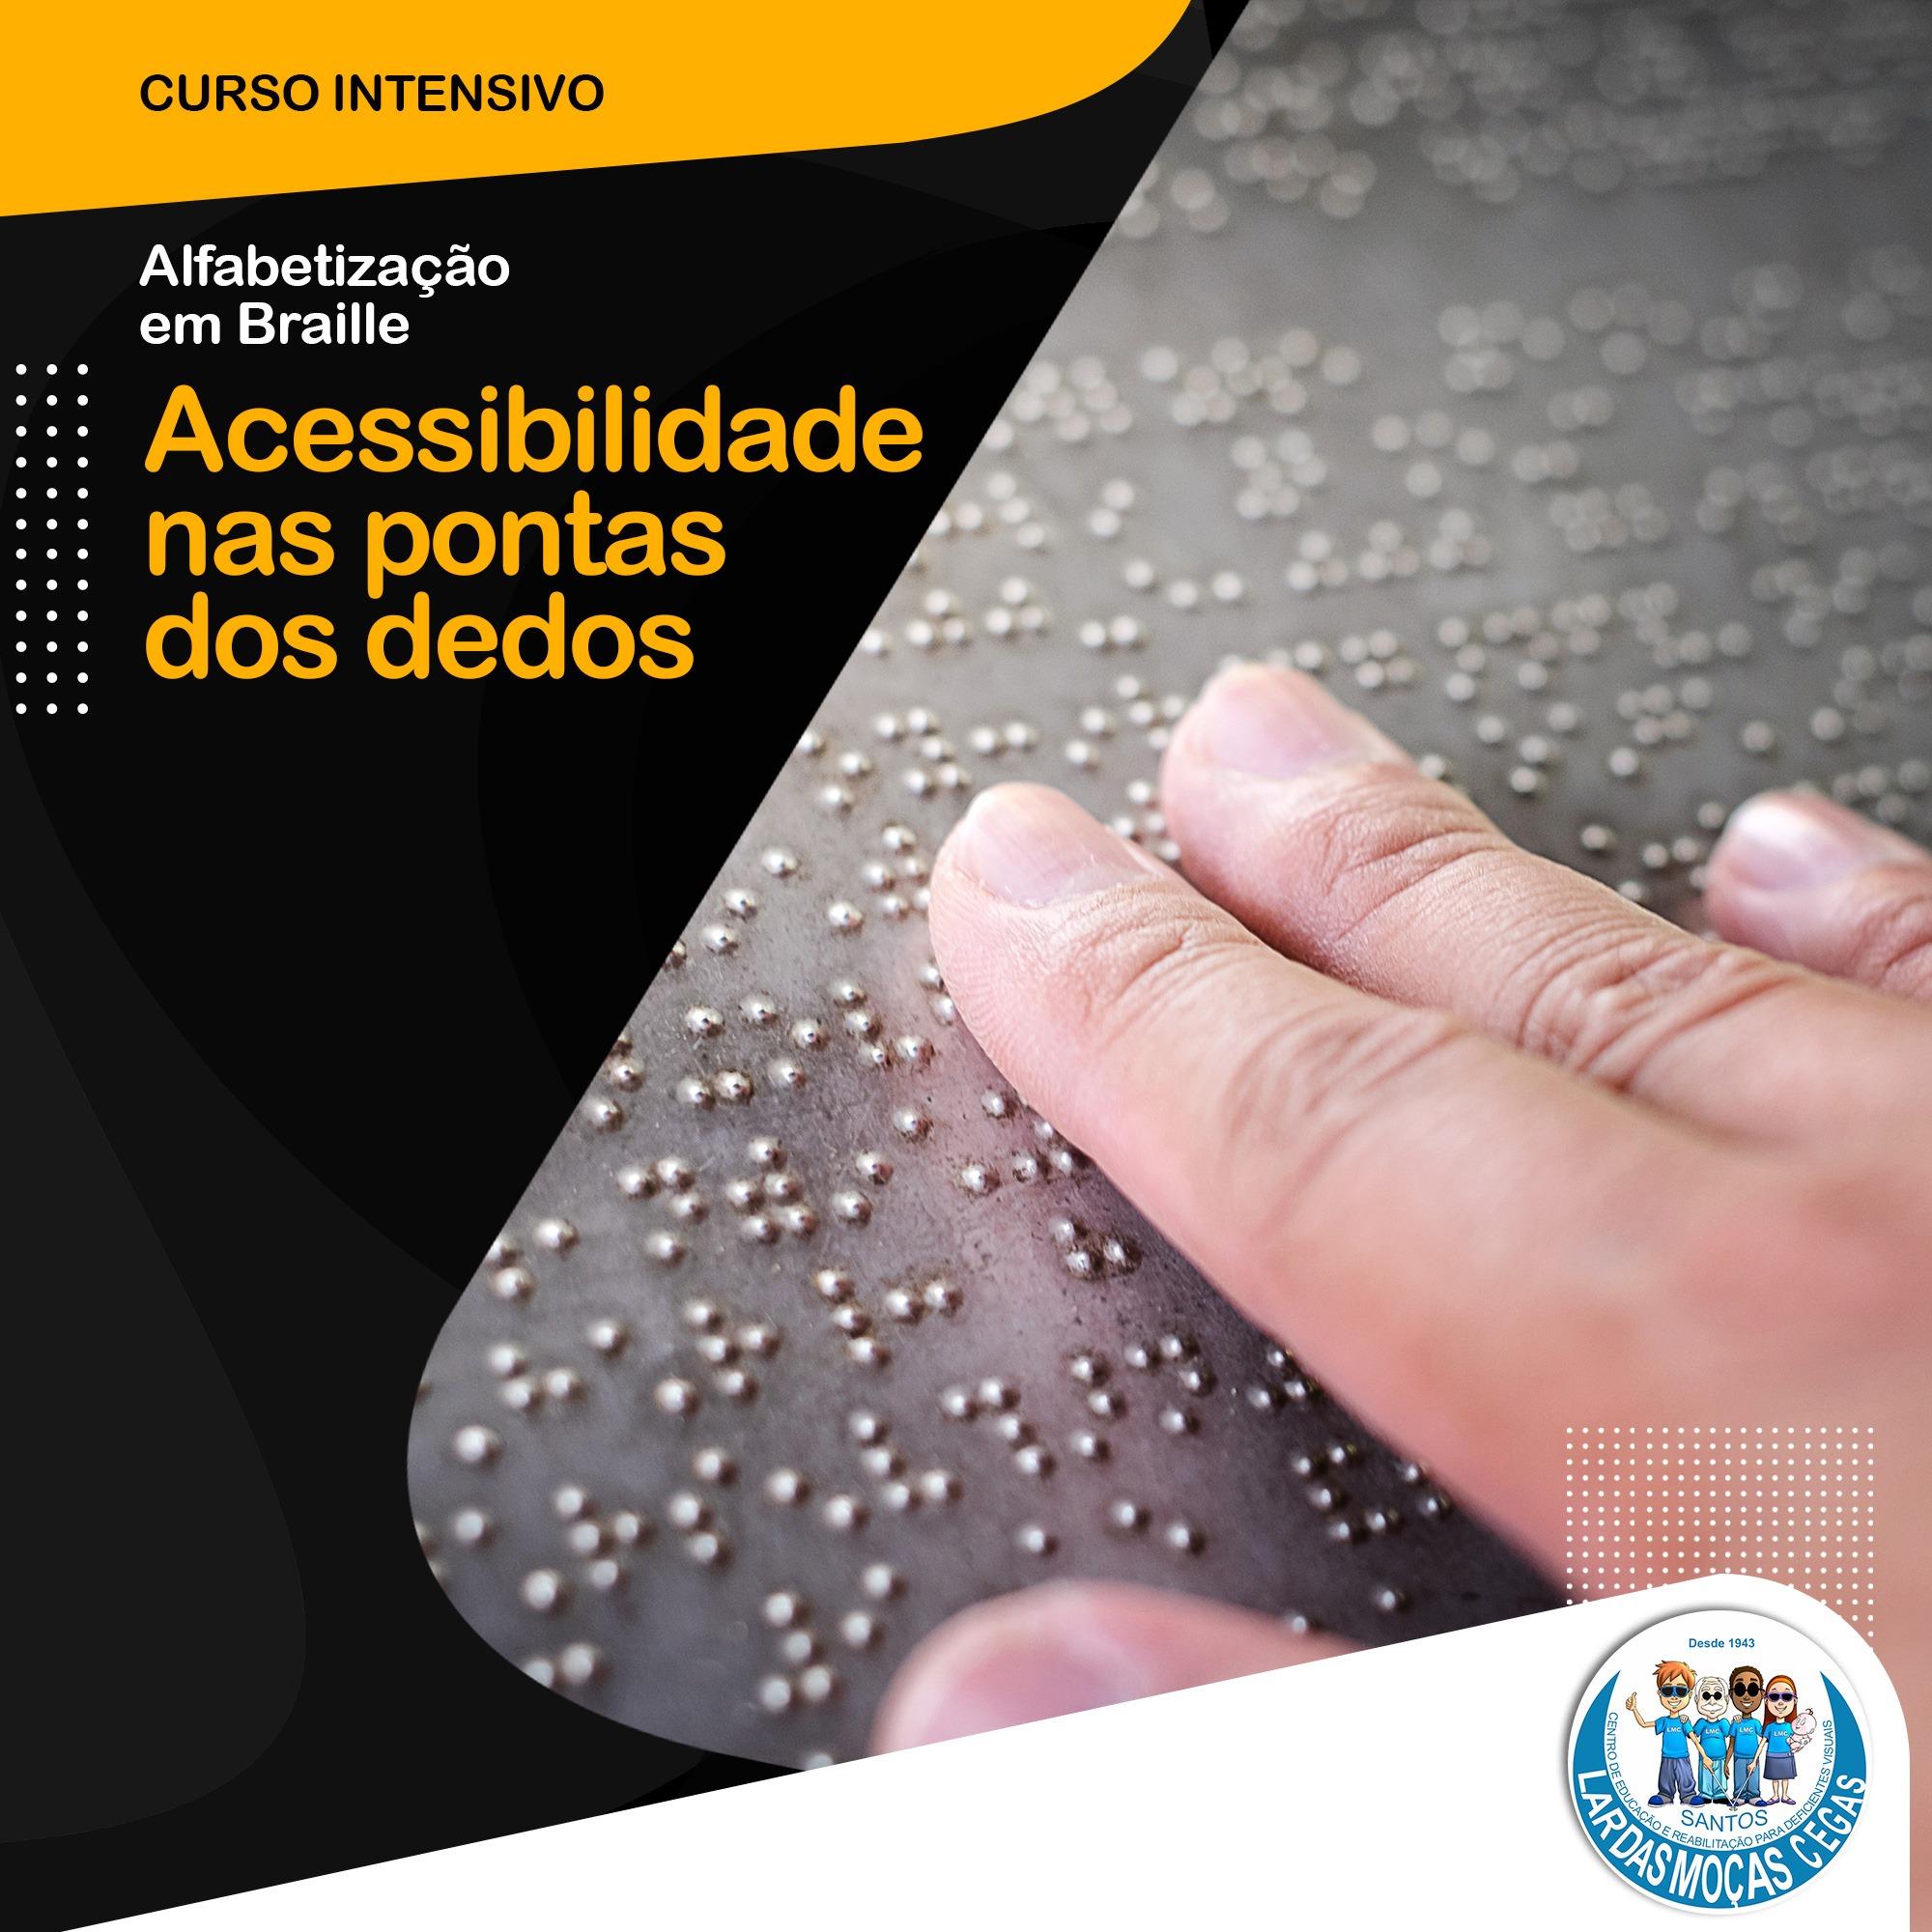 Conheça o curso intensivo de Alfabetização em Braille